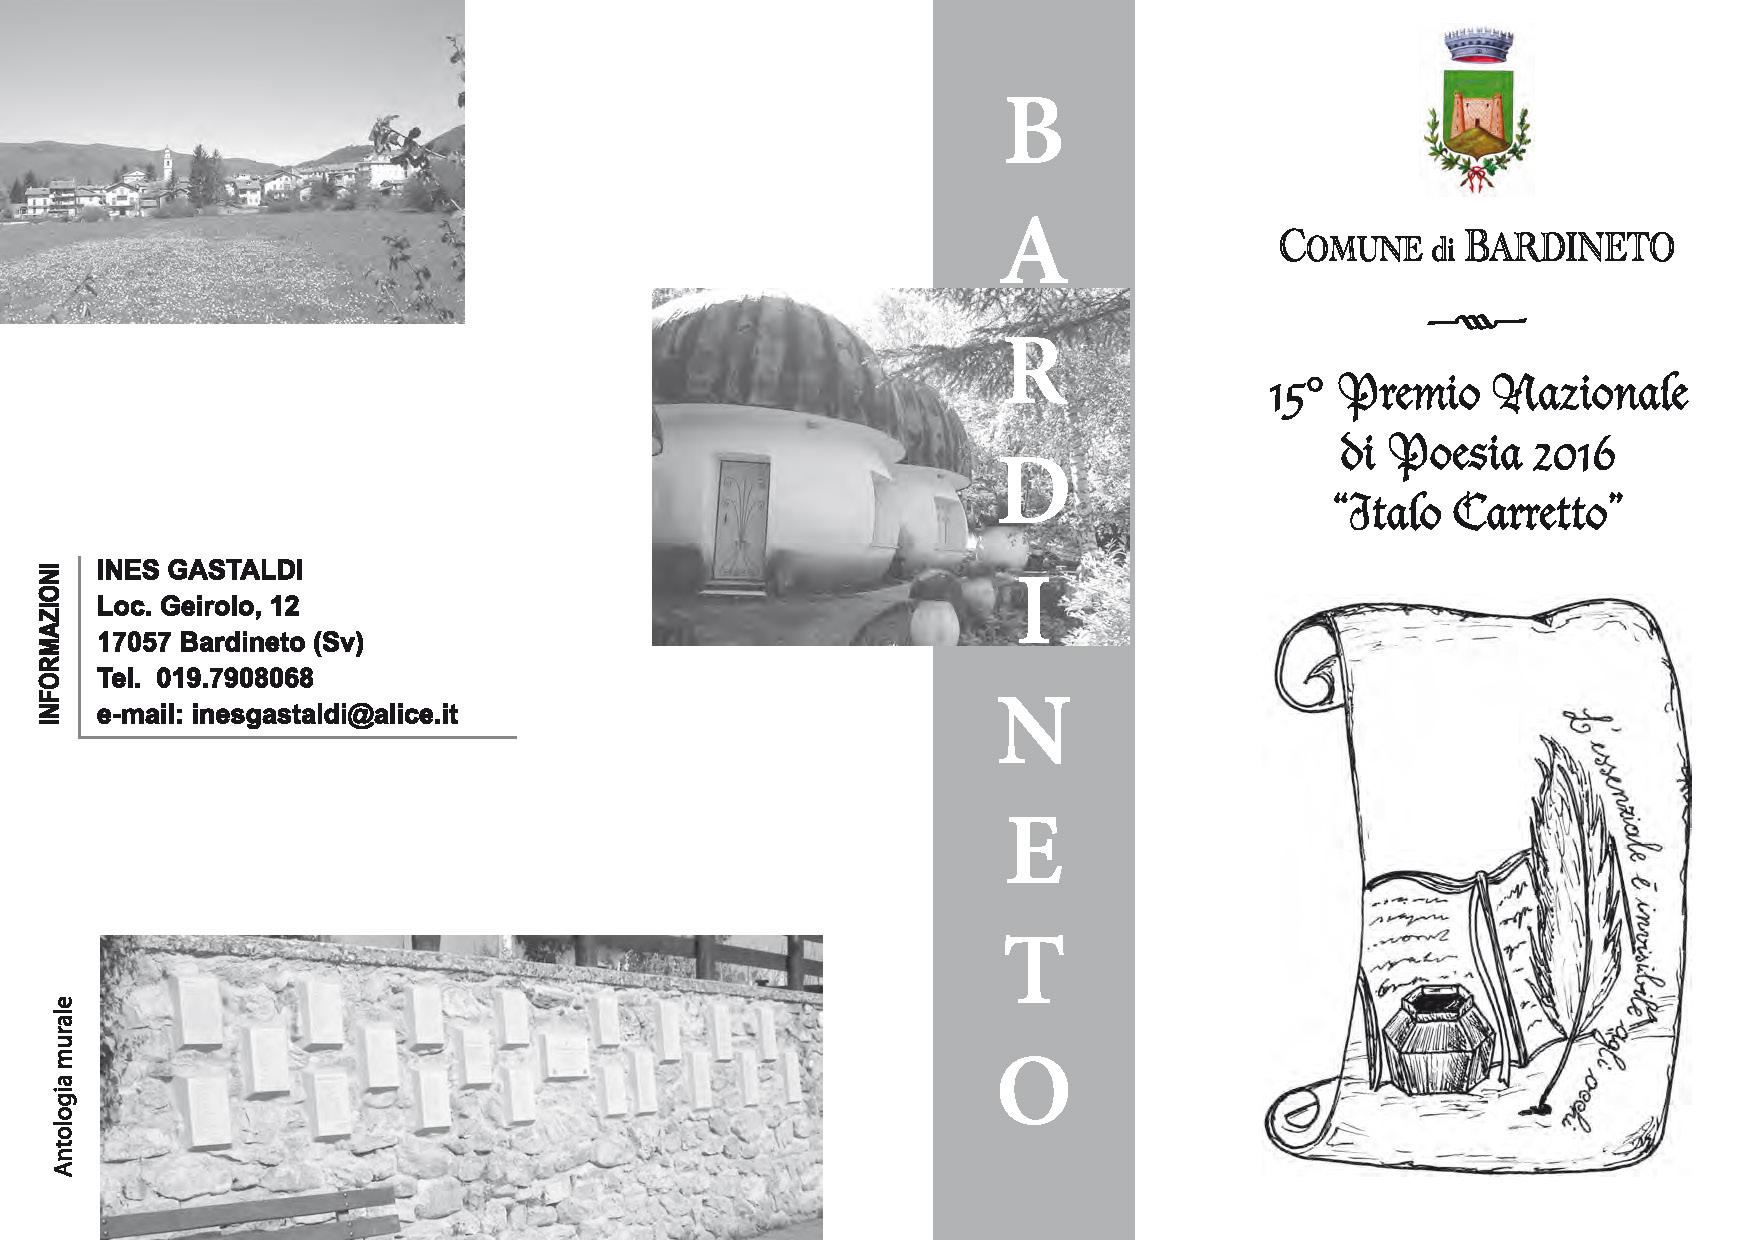 15-premio-nazionale-di-poesia-2016-bardineto_Pagina_1